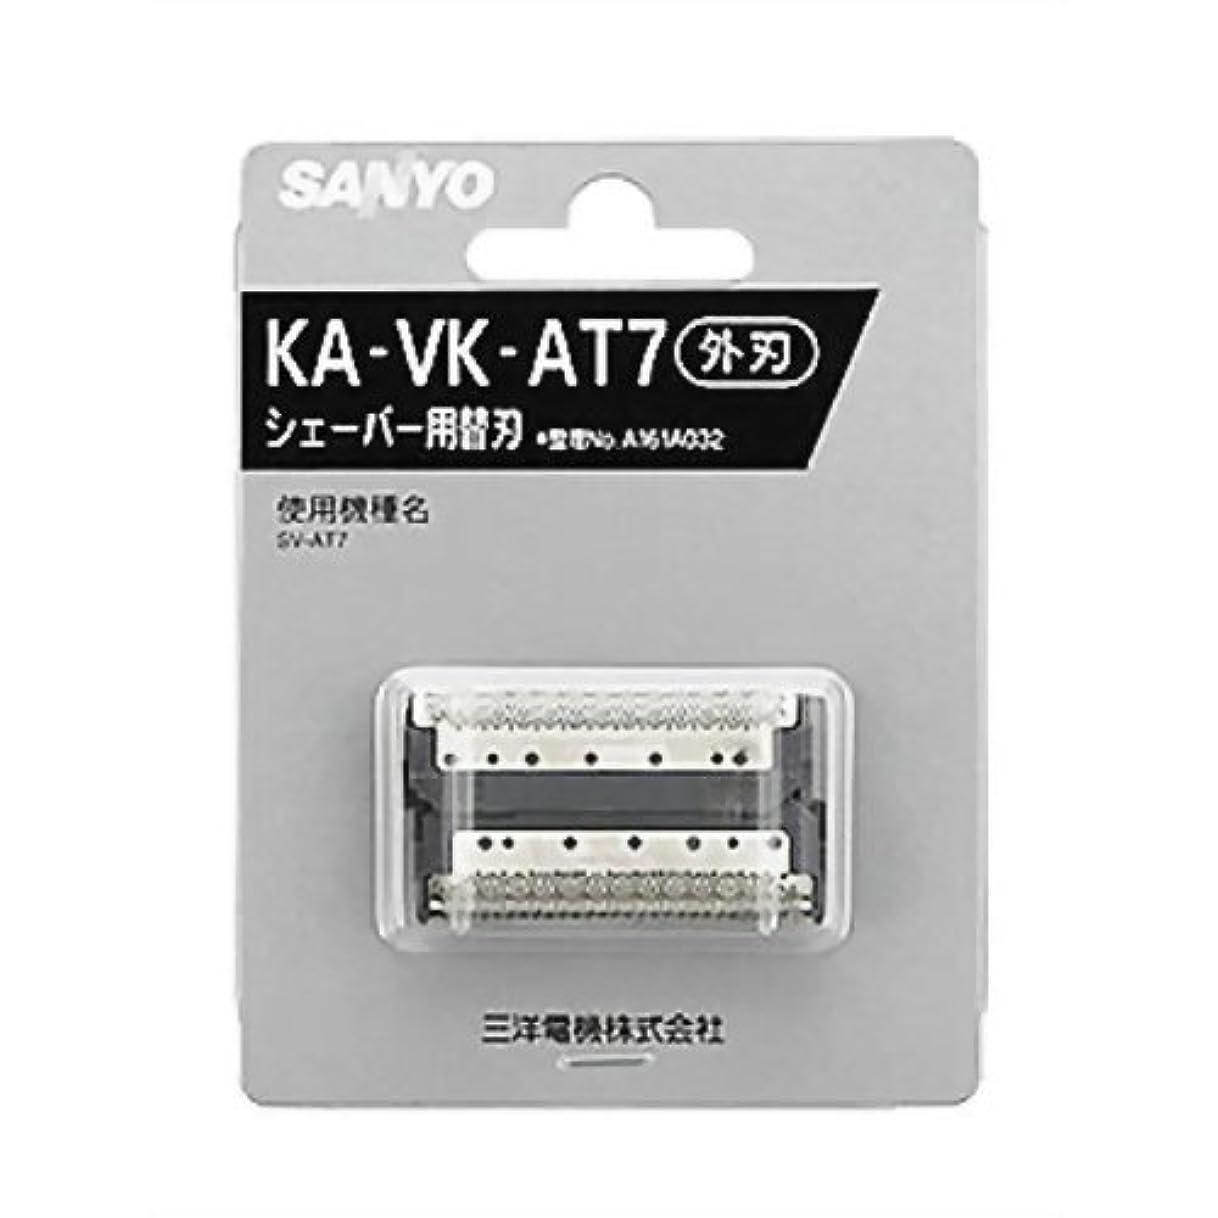 テーブル不均一里親SANYO メンズシェーバー替刃(外刃) KA-VK-AT7